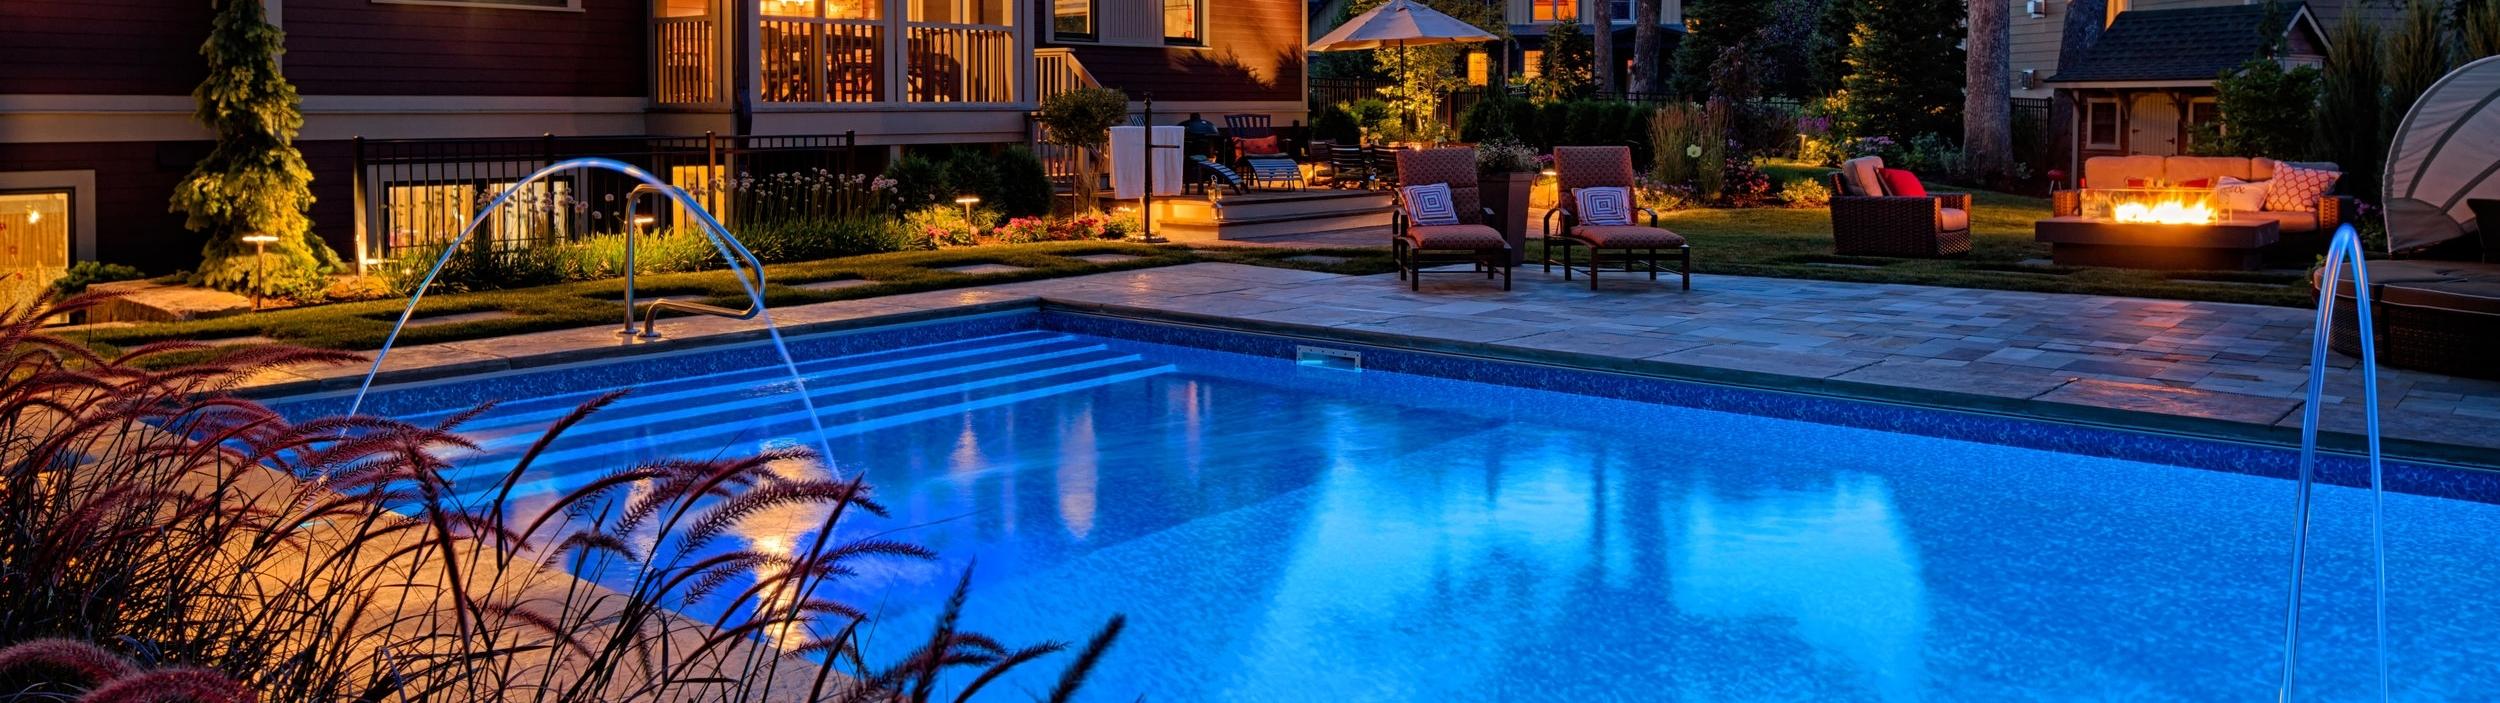 Pools -